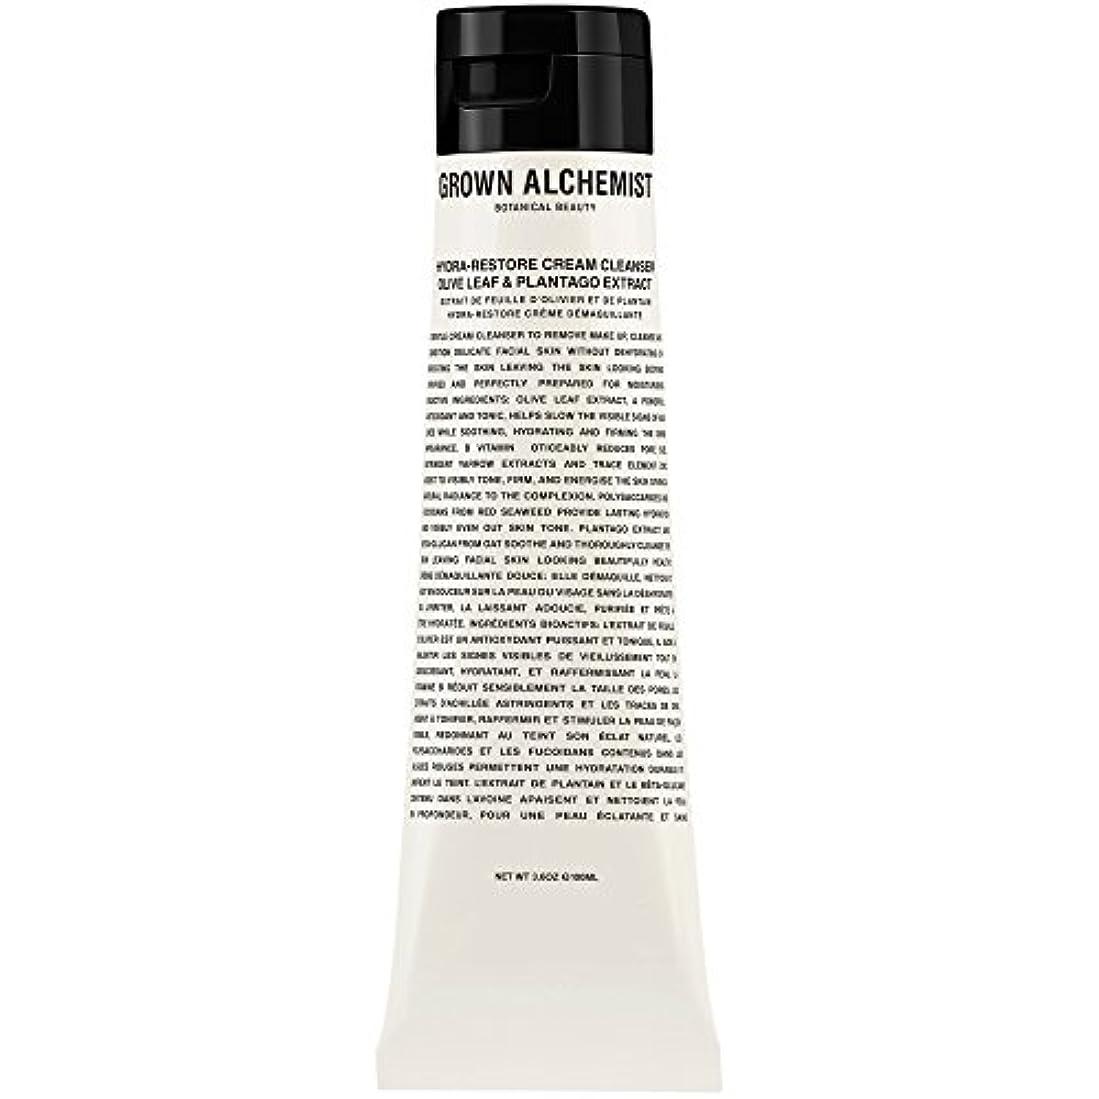 未使用タオルゴムオリーブの葉&Plantogoエキス、100ミリリットル:成長した錬金術師クリームクレンザーをヒドラ復元 (Grown Alchemist) - Grown Alchemist Hydra-Restore Cream Cleanser...